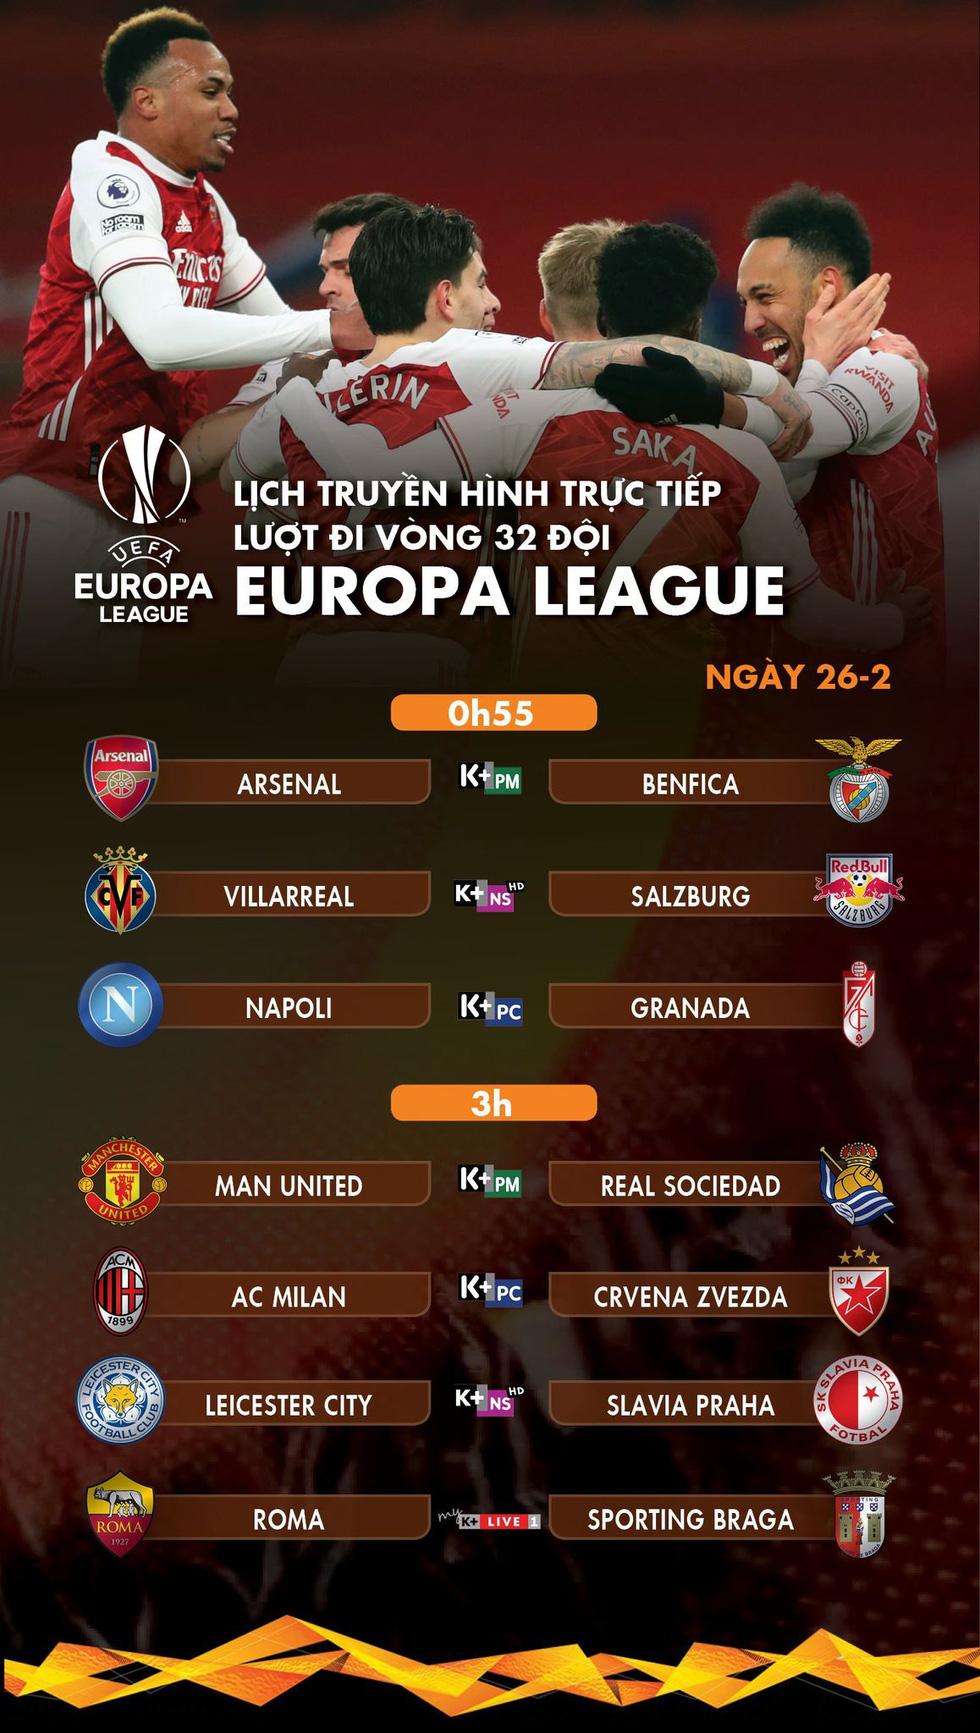 Lịch trực tiếp lượt về vòng 32 đội Europa League: Chờ Man United, Arsenal, Leicester đi tiếp - Ảnh 1.